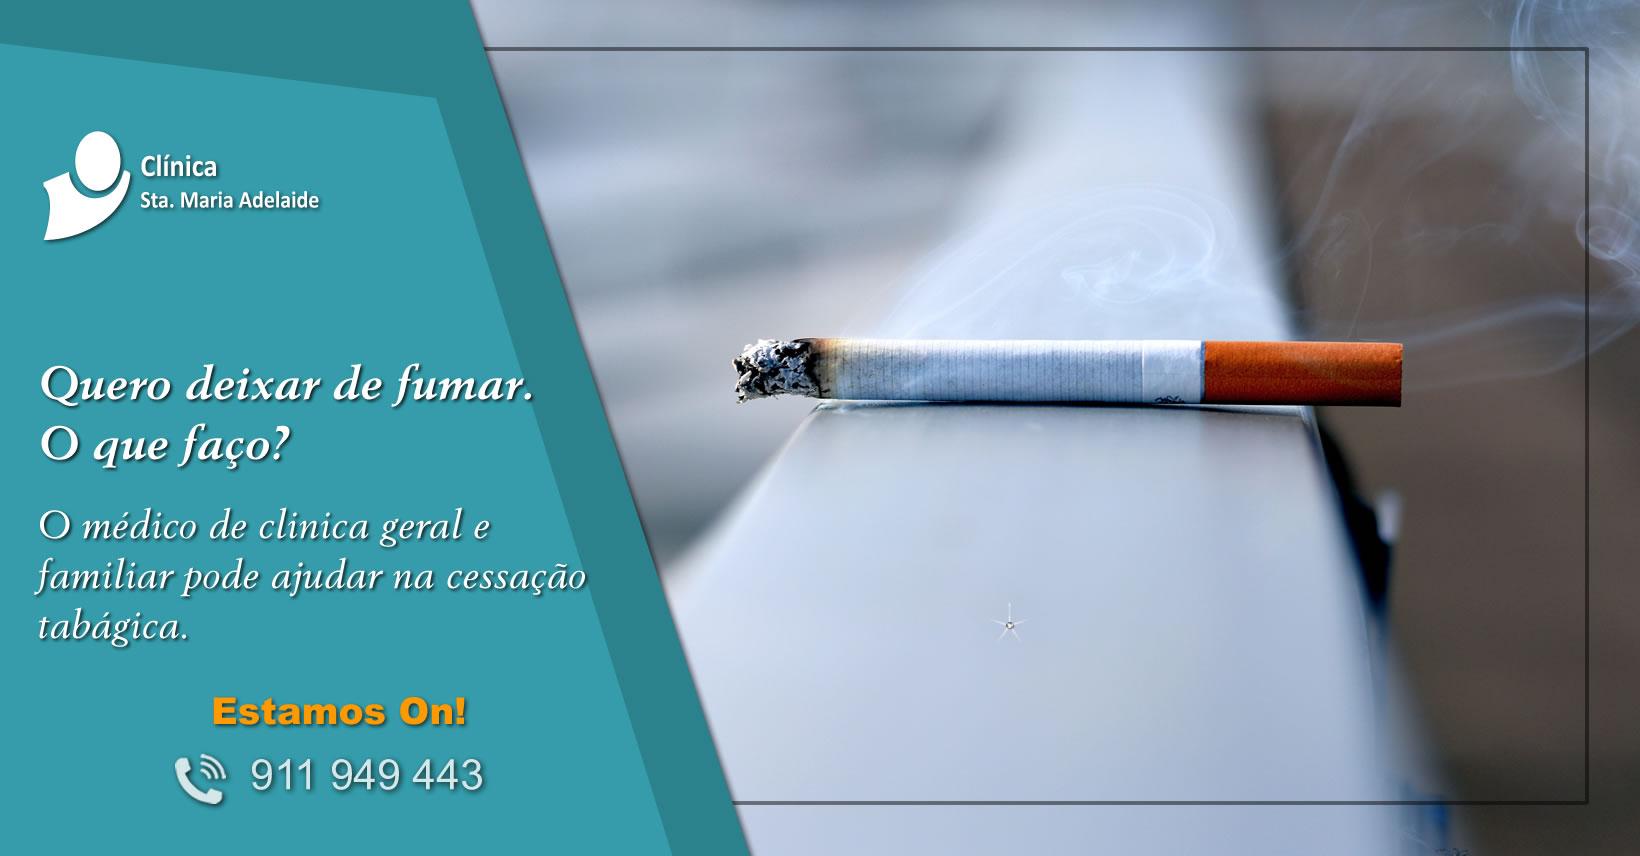 Quero deixar de fumar. Tabagismo